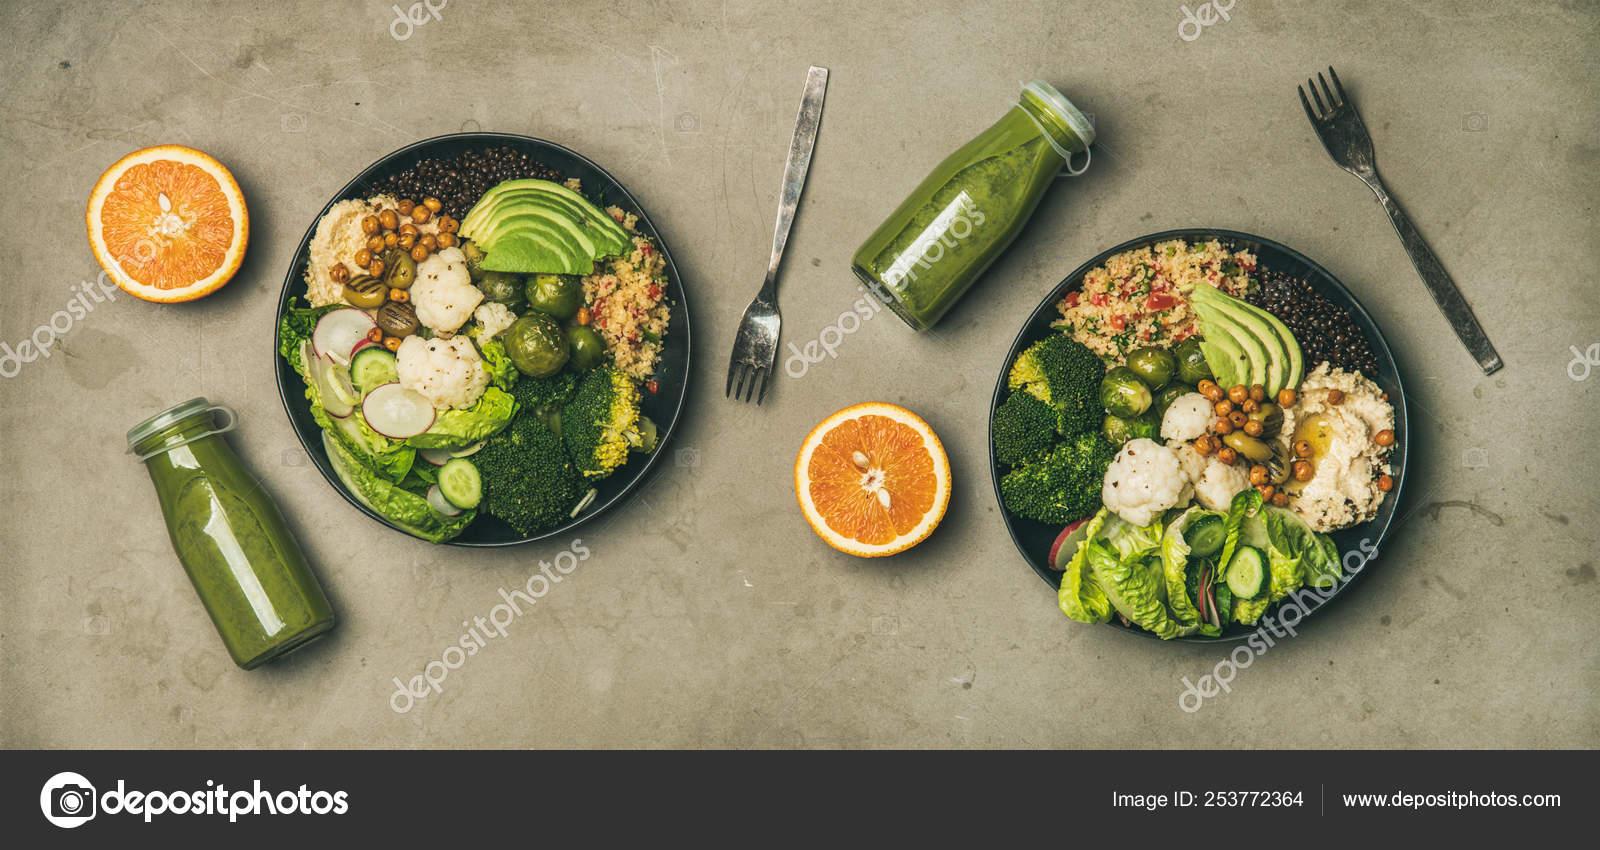 pranzi vegani sani per la perdita di peso